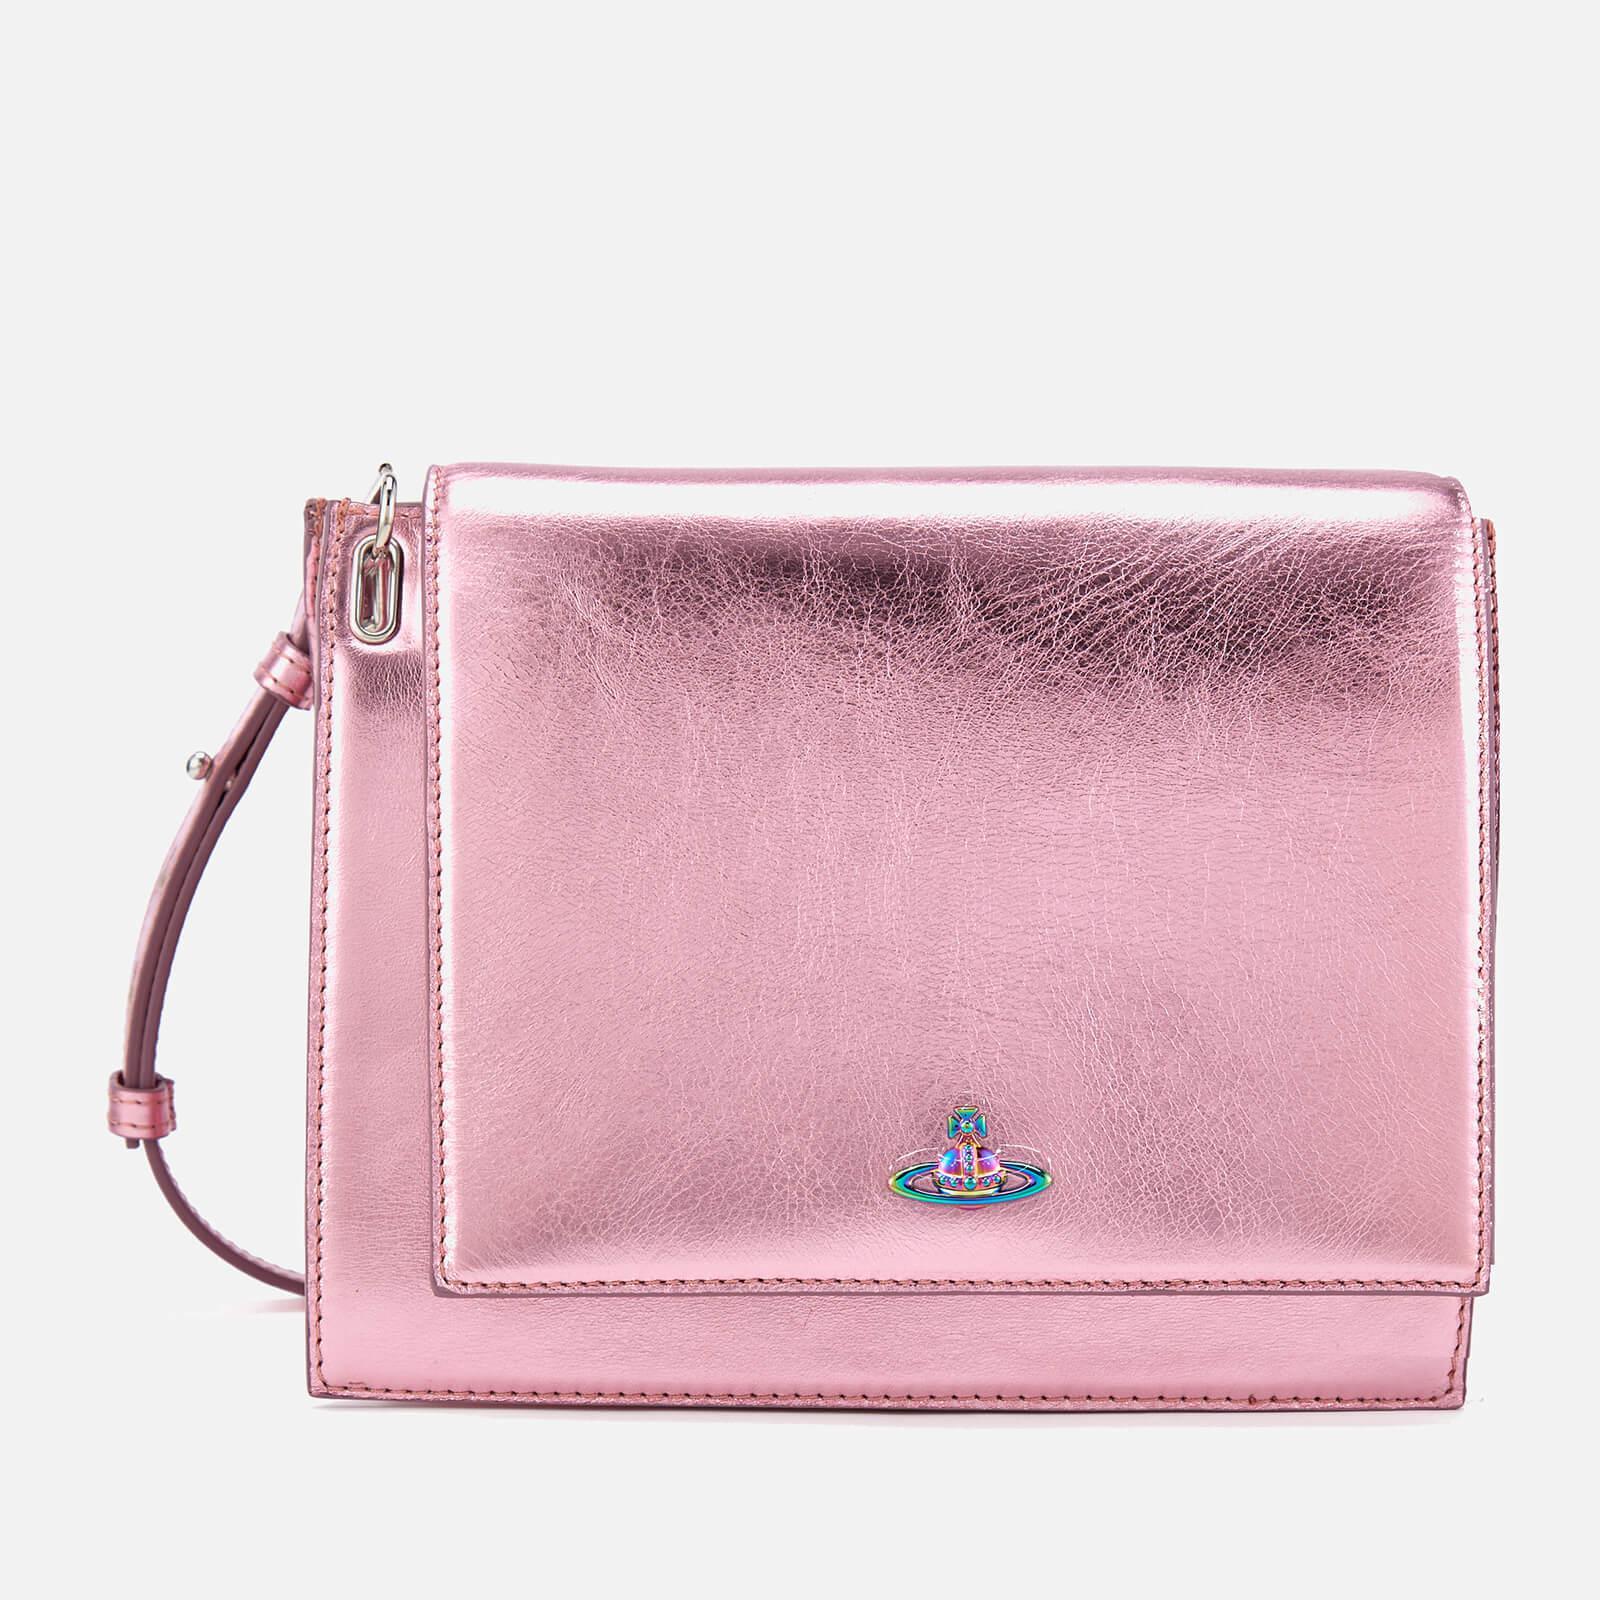 7161908e94e8 Vivienne Westwood Women s Venice Metallic Cross Body Bag in Pink - Lyst